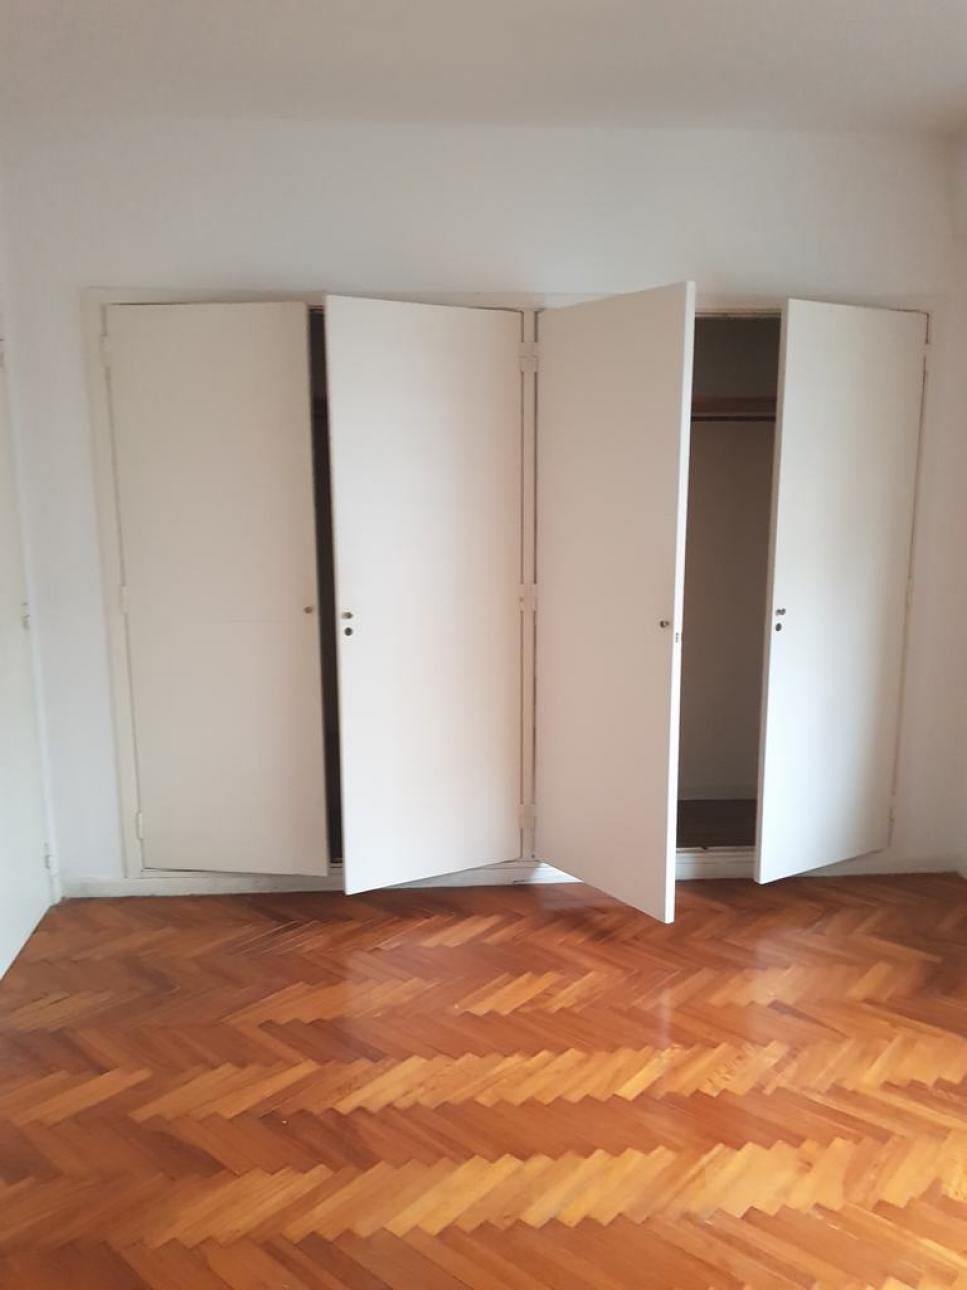 Alquiler de Departamento 3 ambientes en Belgrano Belgrano C